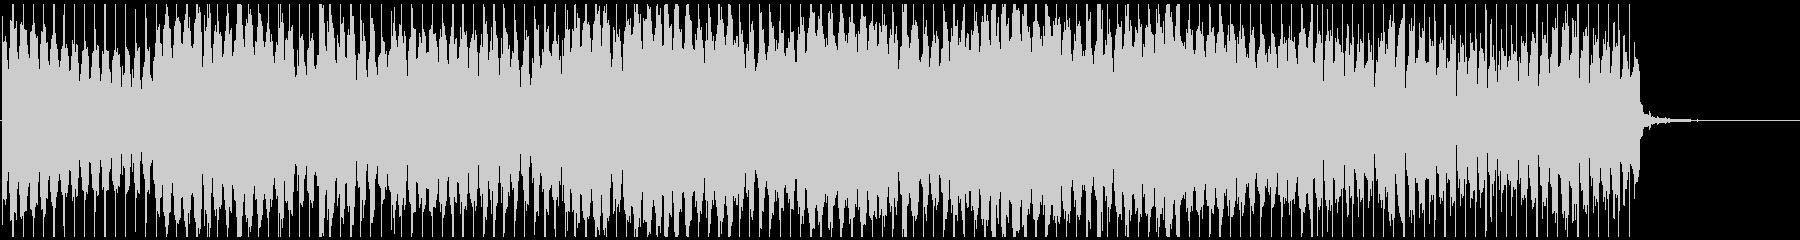 ノリノリな和風テクノ 篠笛生演奏×電子音の未再生の波形